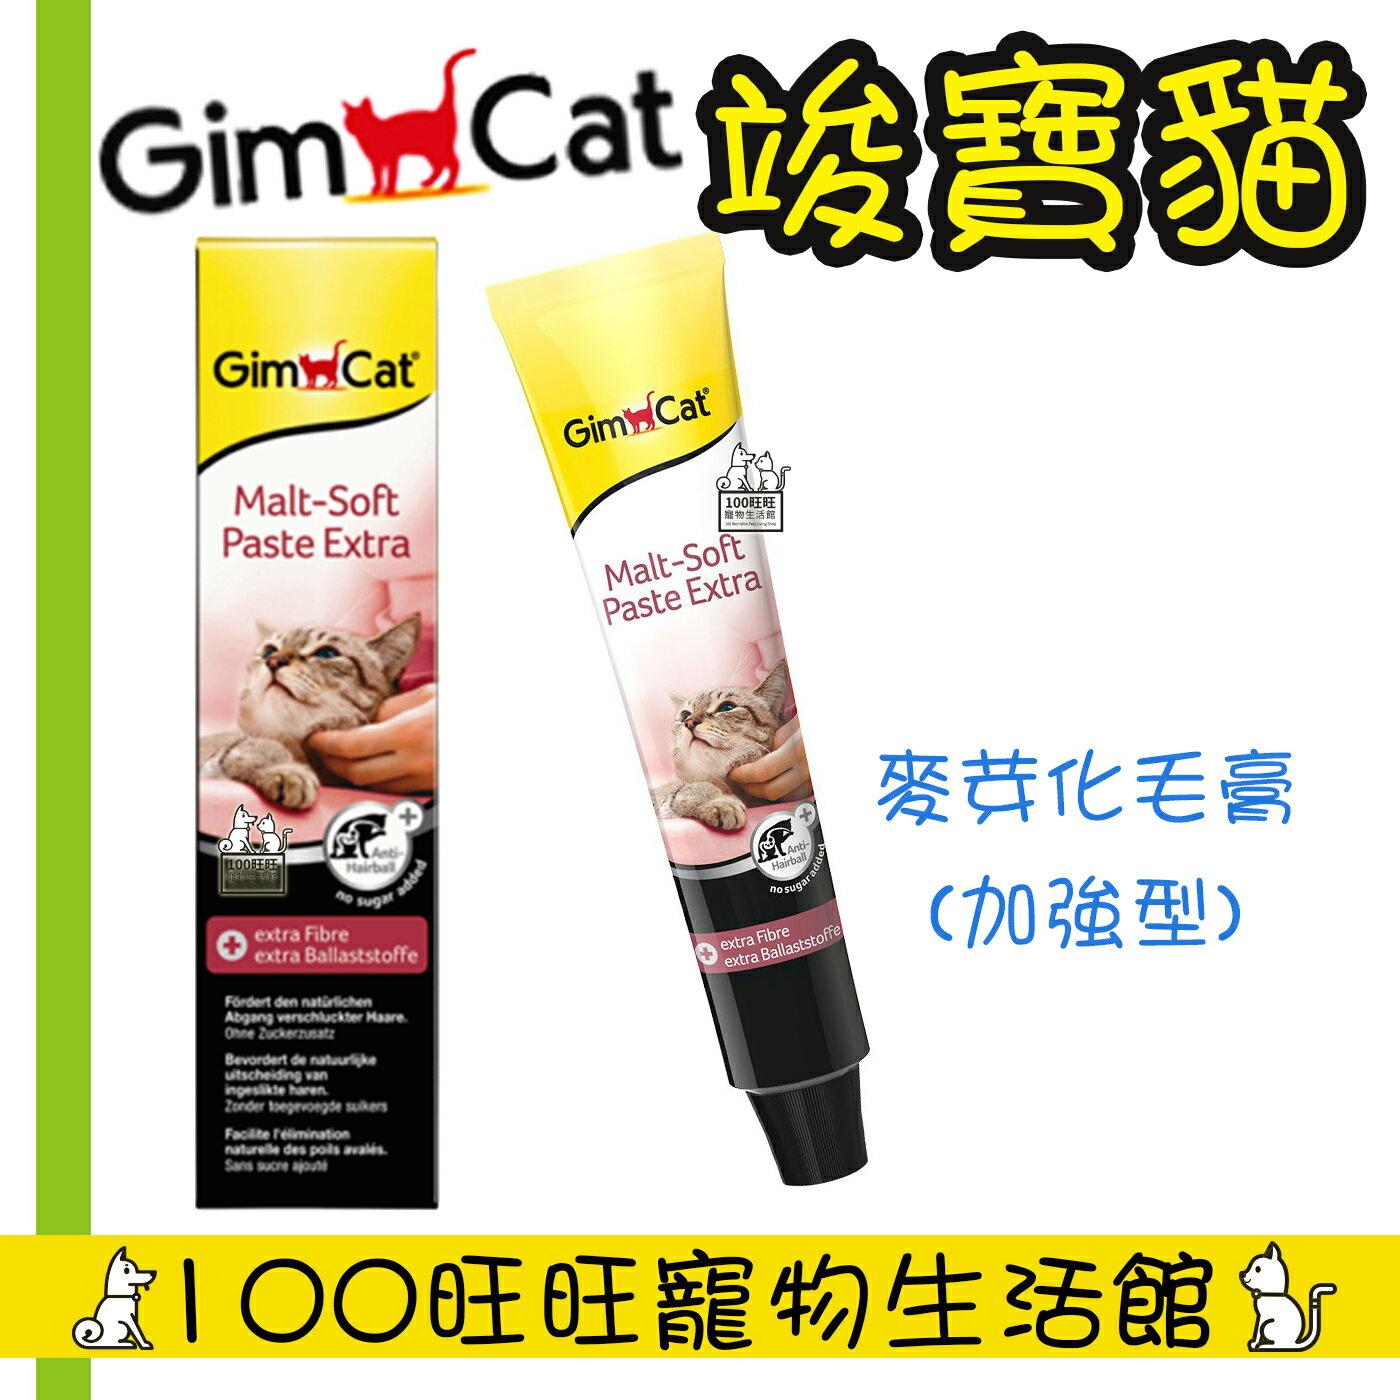 GimCat 德國 竣寶 麥芽化毛膏 (加強型) 200g